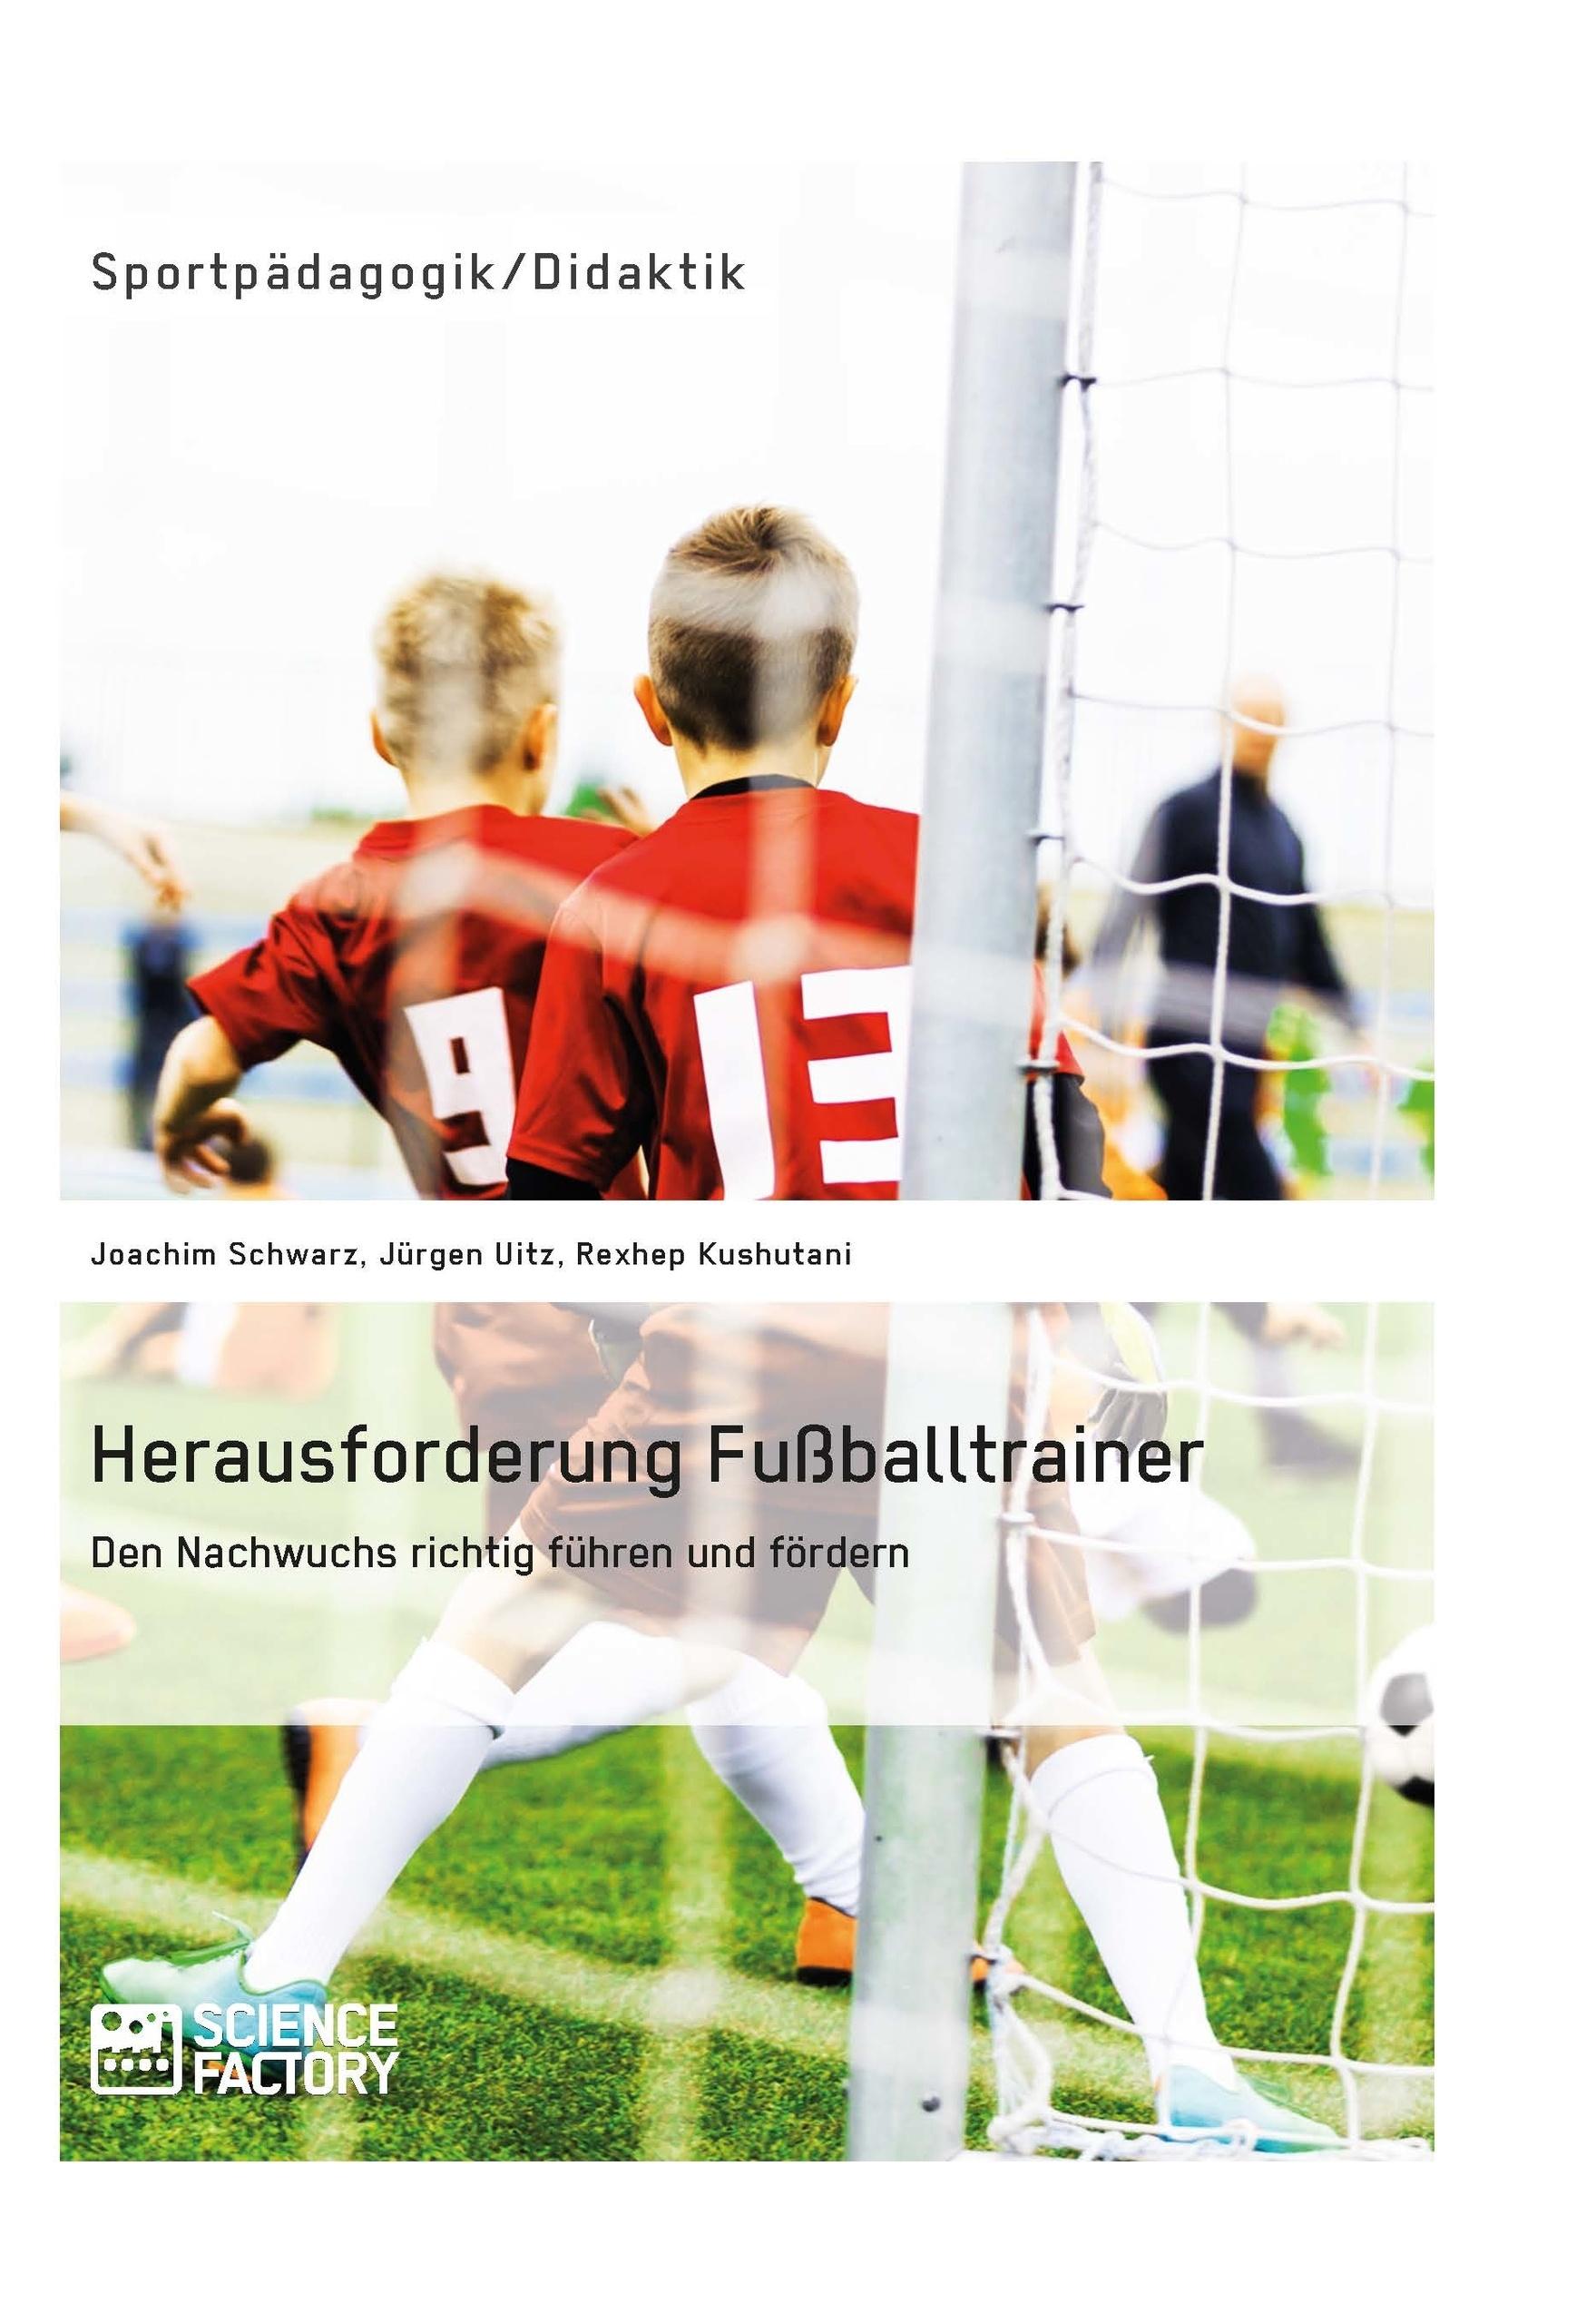 Titel: Herausforderung Fußballtrainer. Den Nachwuchs richtig führen und fördern